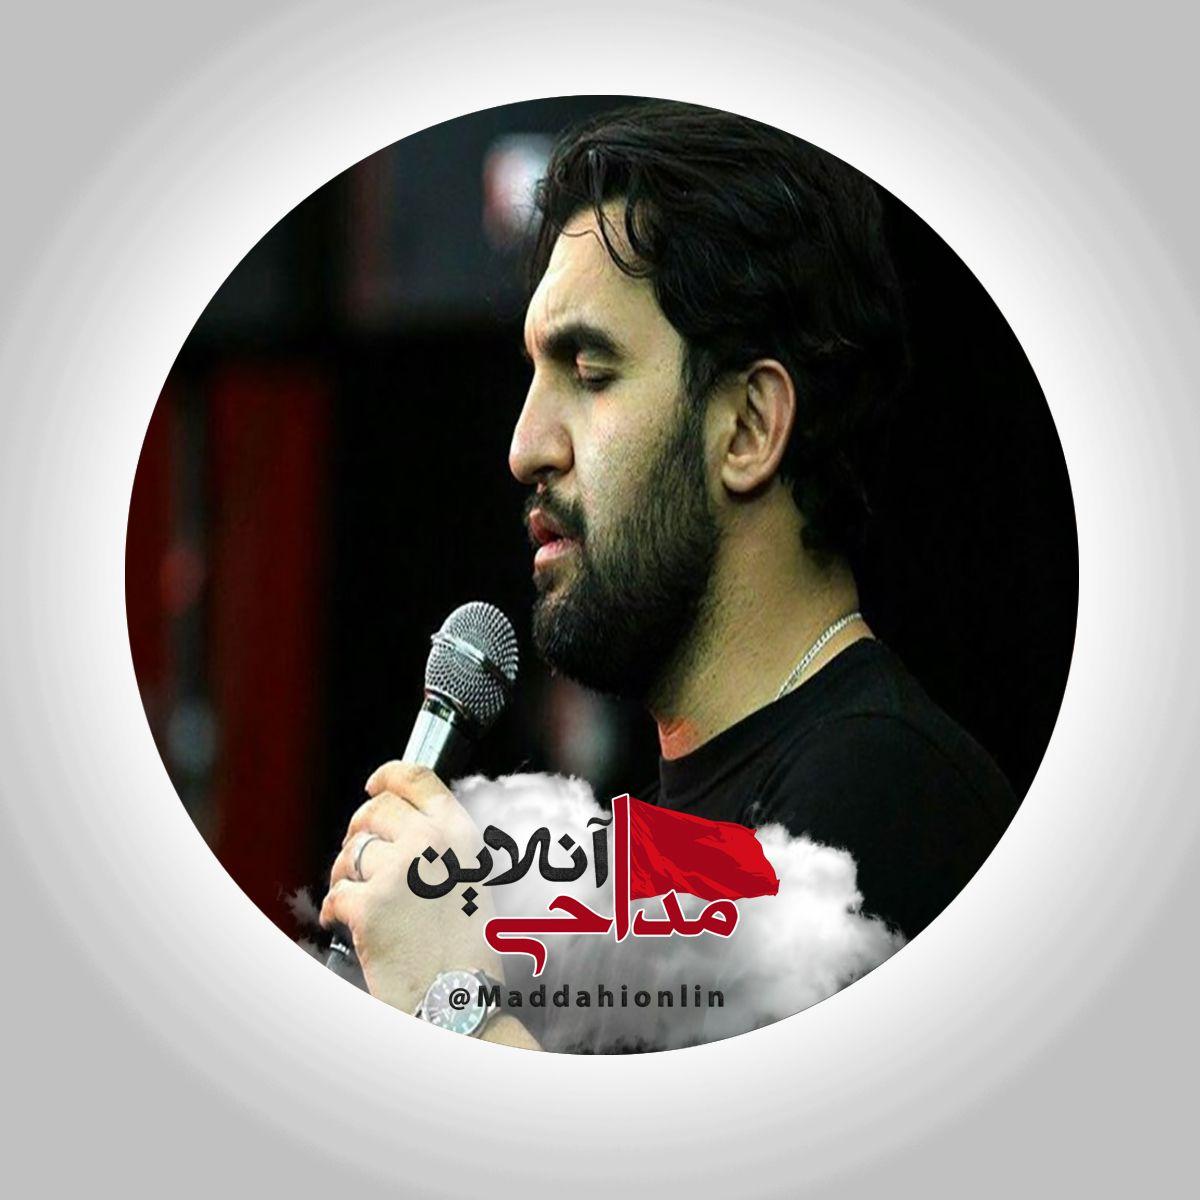 حمید علیمی شهادت حضرت رقیه